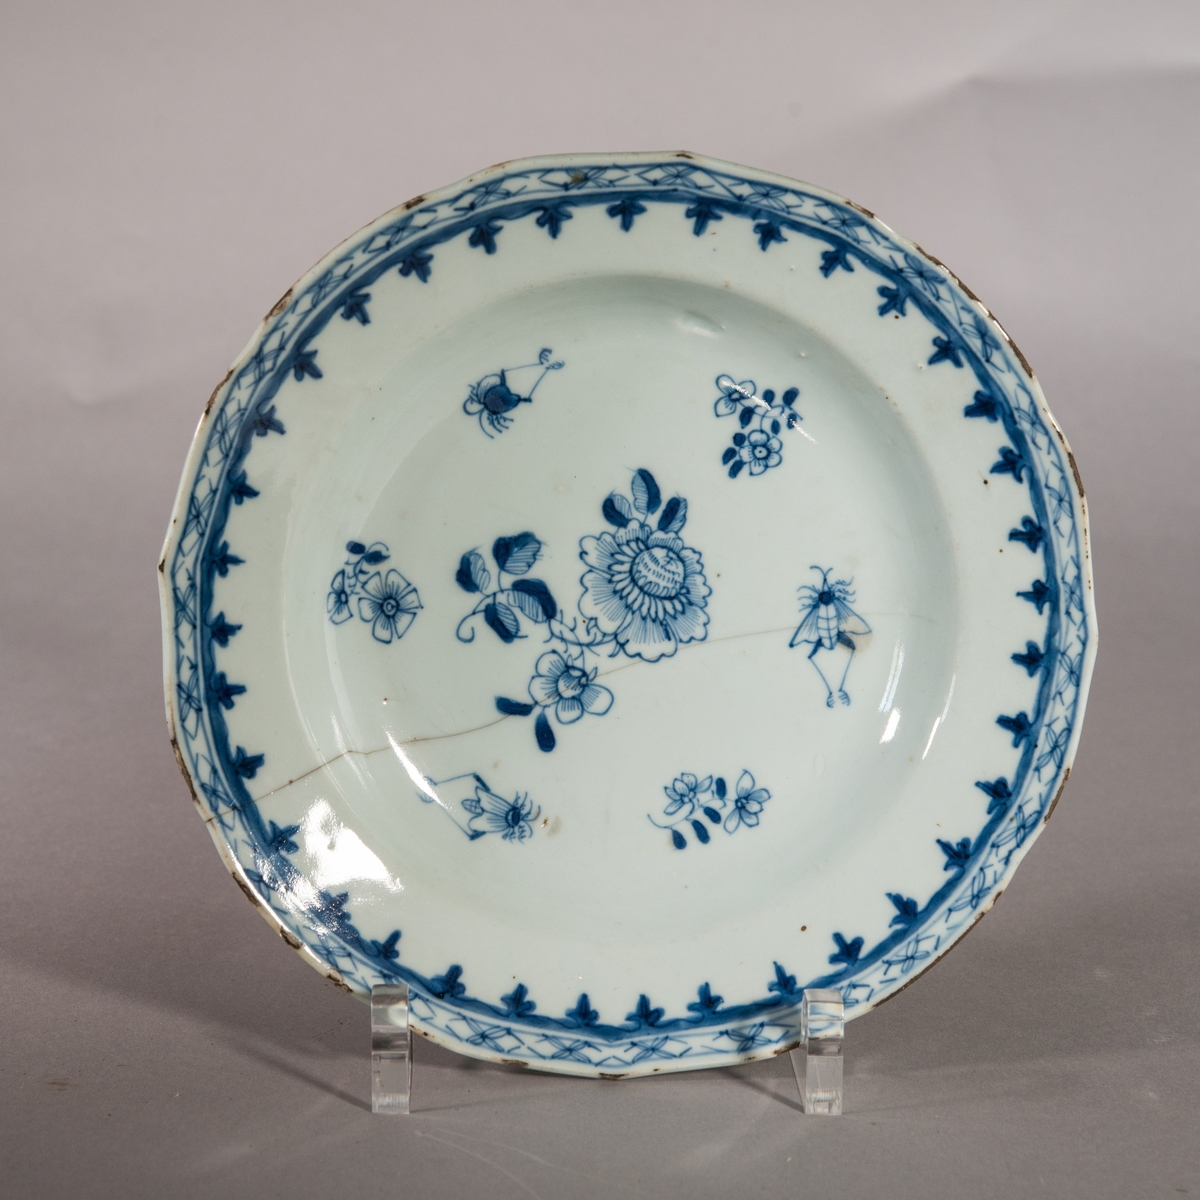 Tallrik av porslin med blå dekor. I spegelns mitt blommor och insekter. Bård runt brättet. Även på undersidan dekor av blommor.